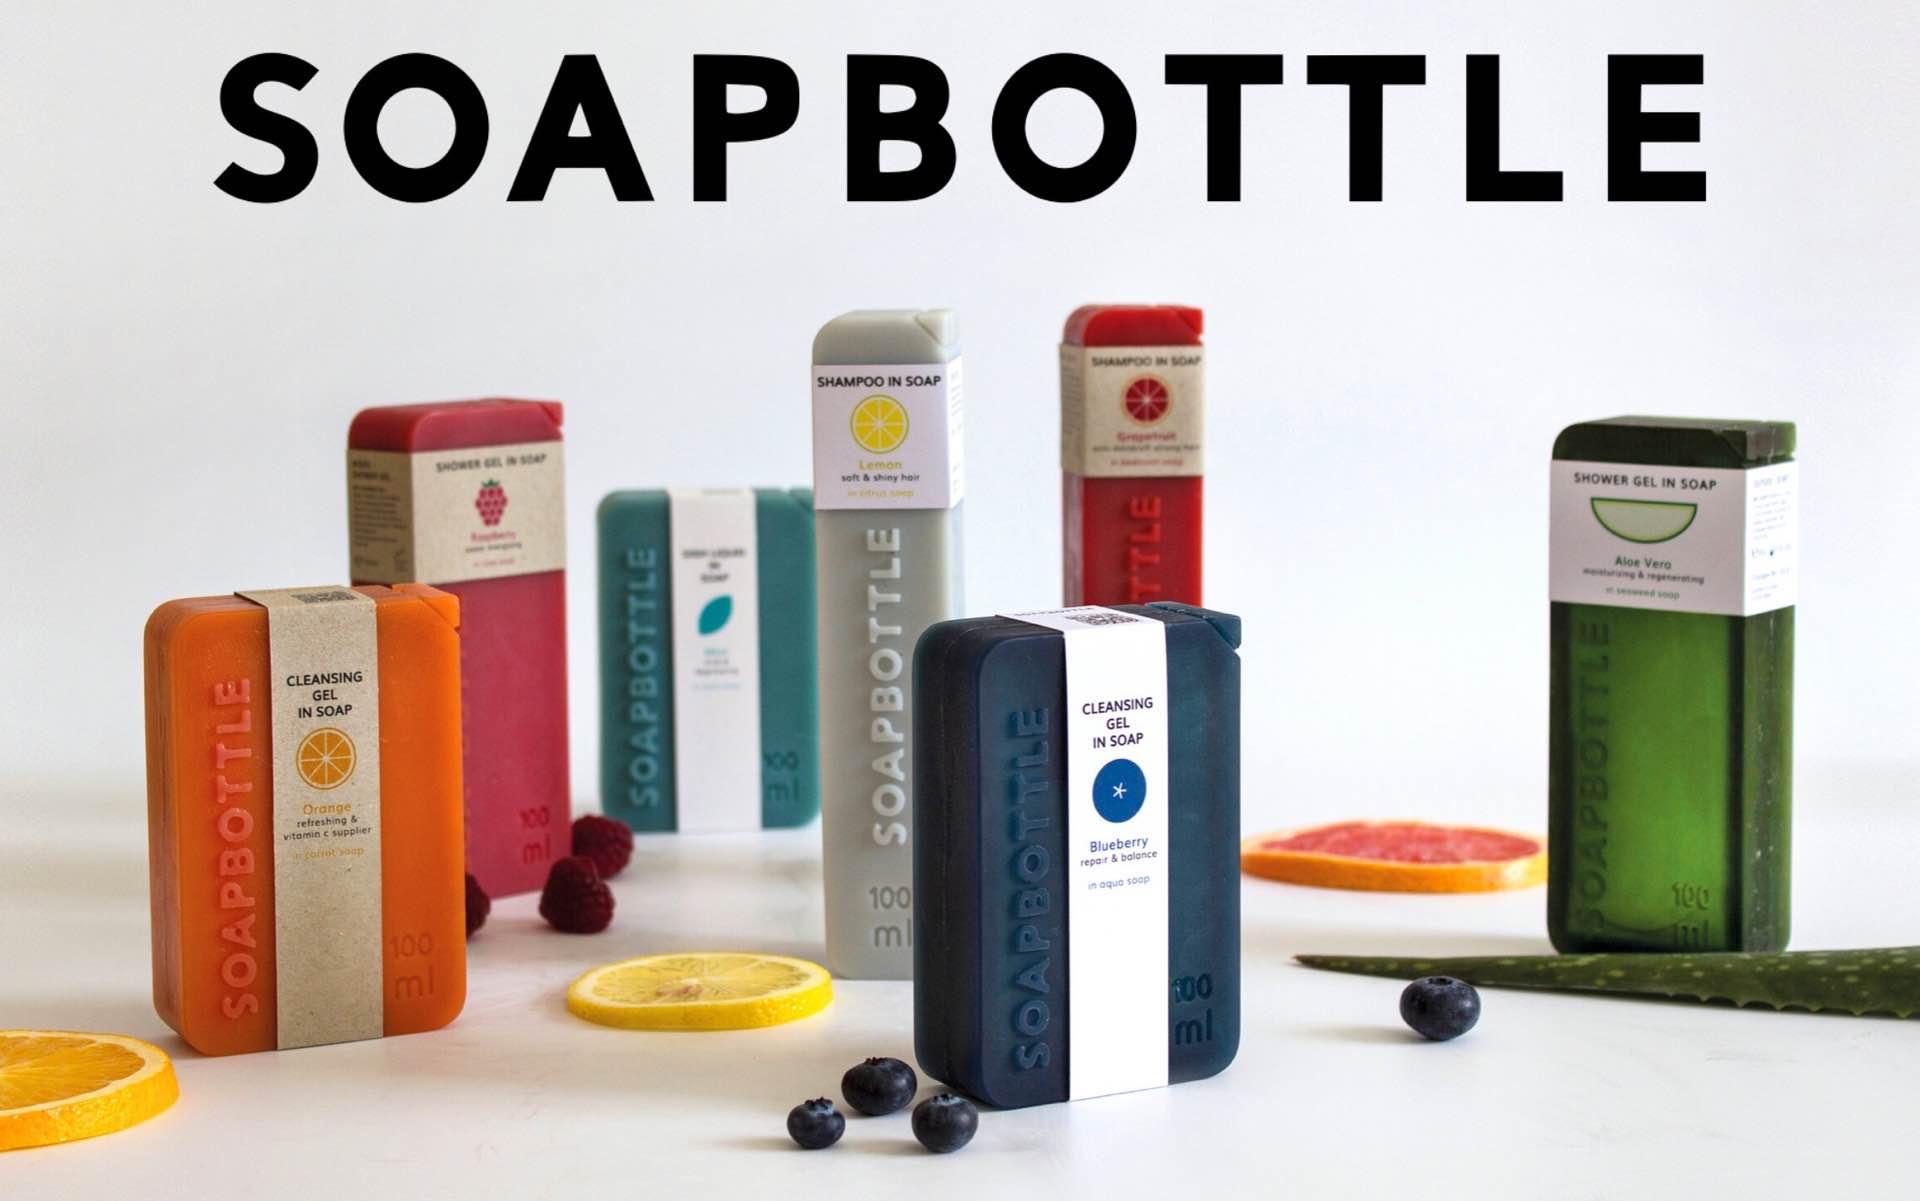 soapbottle-kickstarter